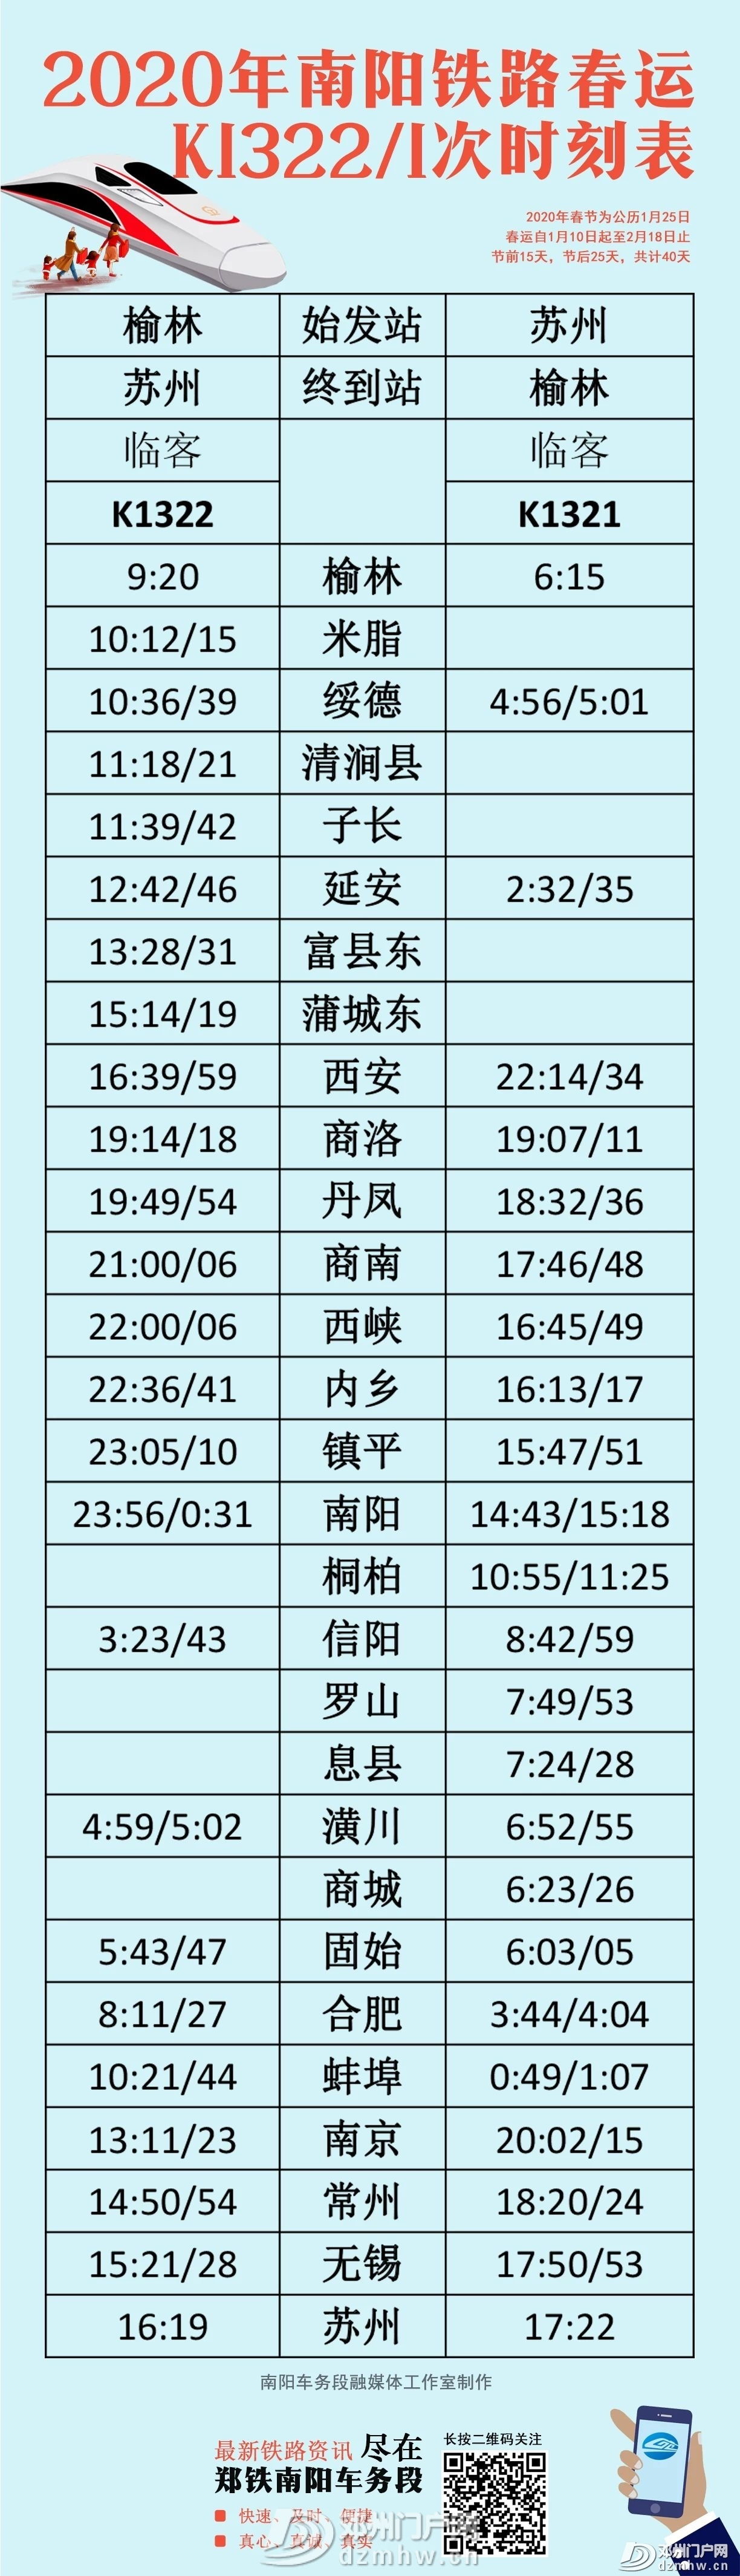 最新!春运期间,邓州加开4趟普速临客! - 邓州门户网|邓州网 - a3bd066b9c8e0d8b141923e7e4483700.jpg